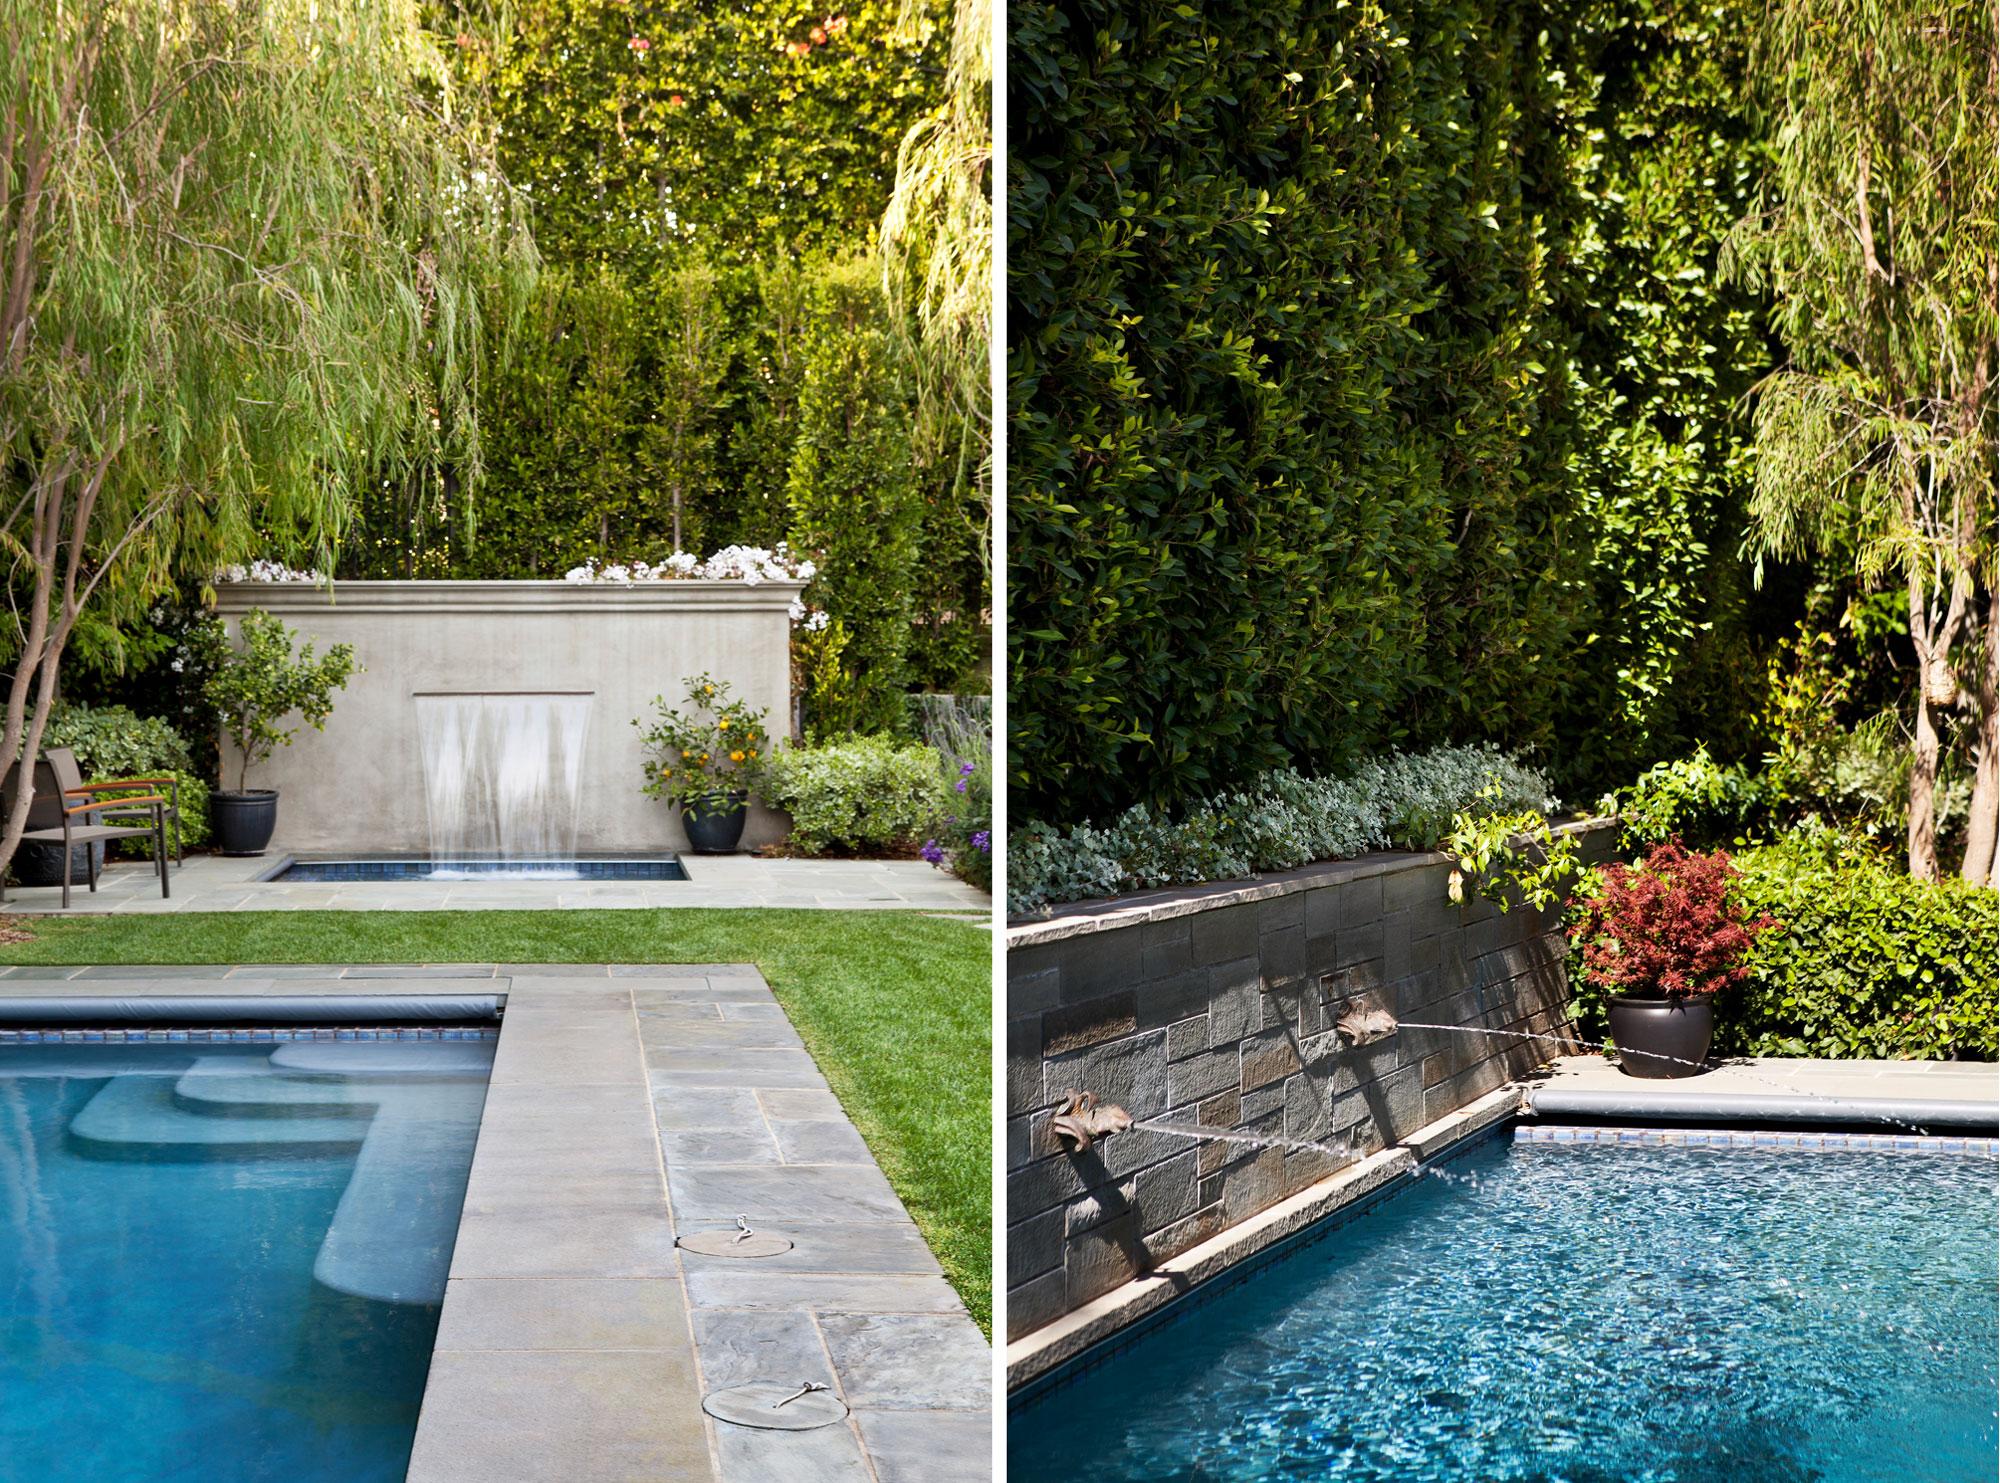 rear-patio-pool-spa-fountain-ward-jewell.jpg